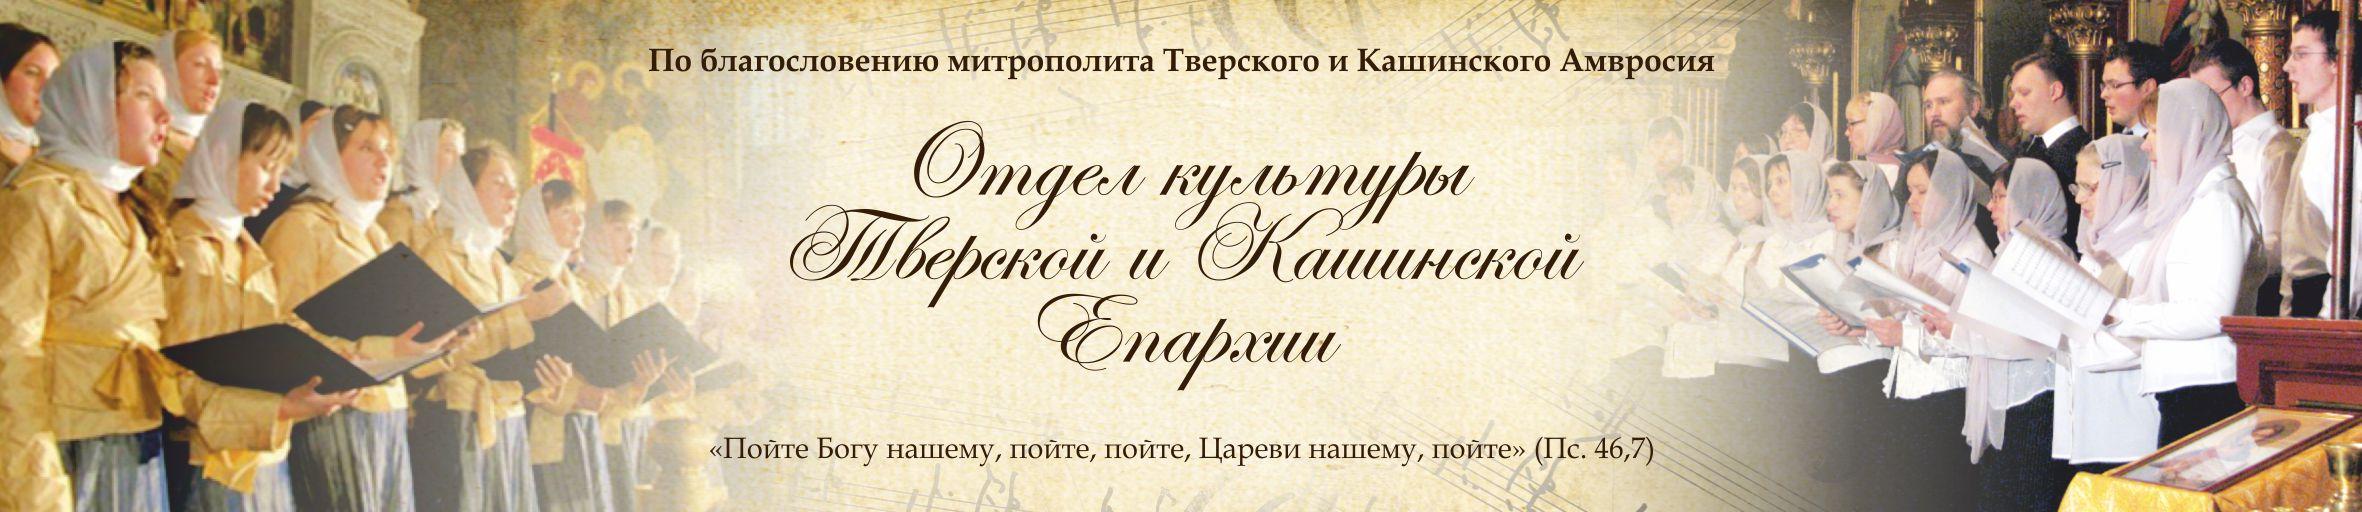 Отдел культуры Тверской епархии